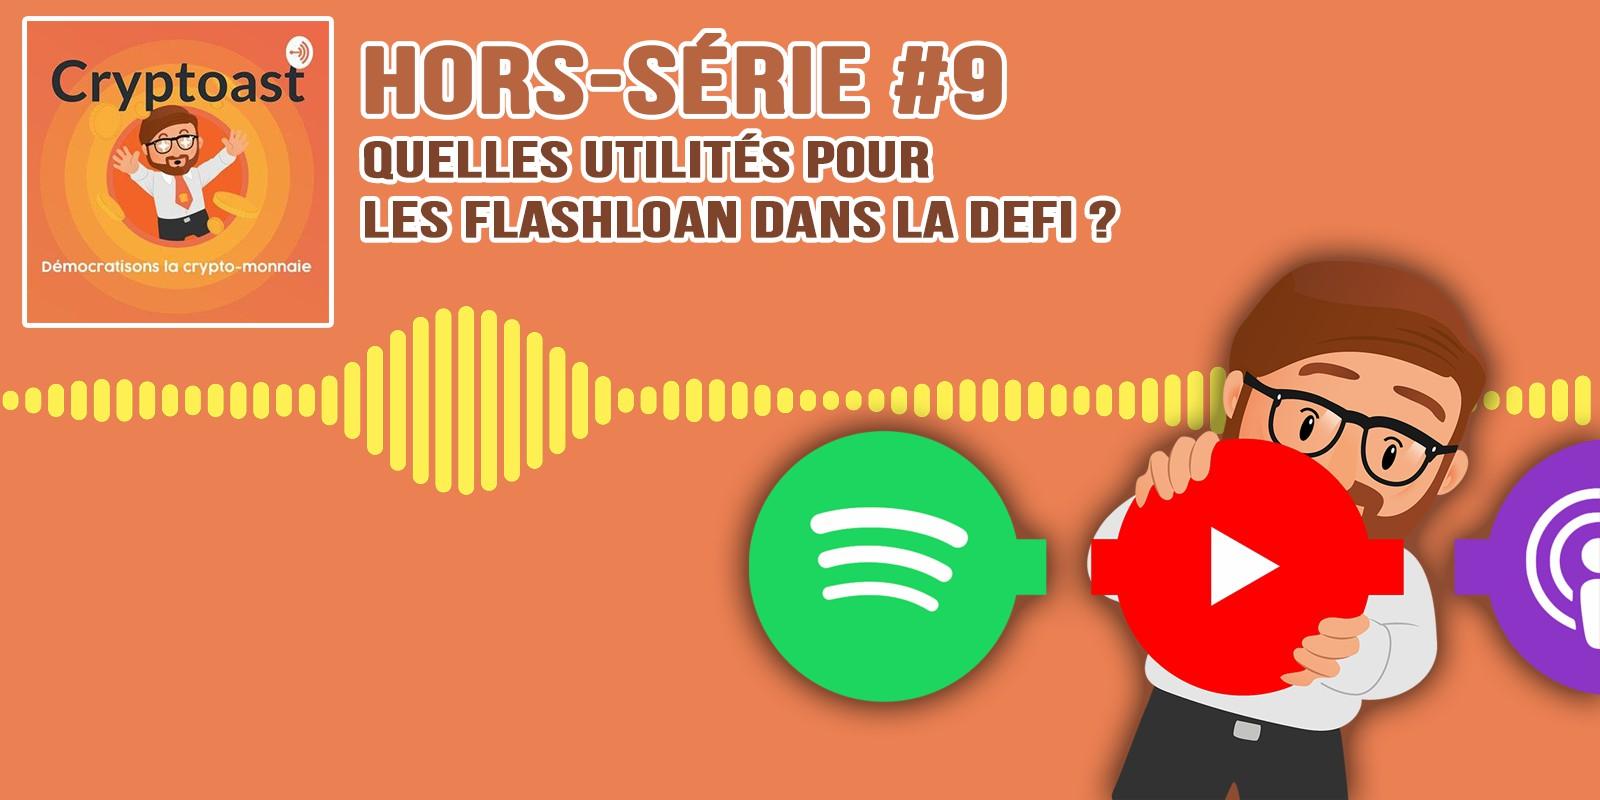 Podcast hors-série #9  - Quelles utilités pour les flashloans dans la DeFi ?